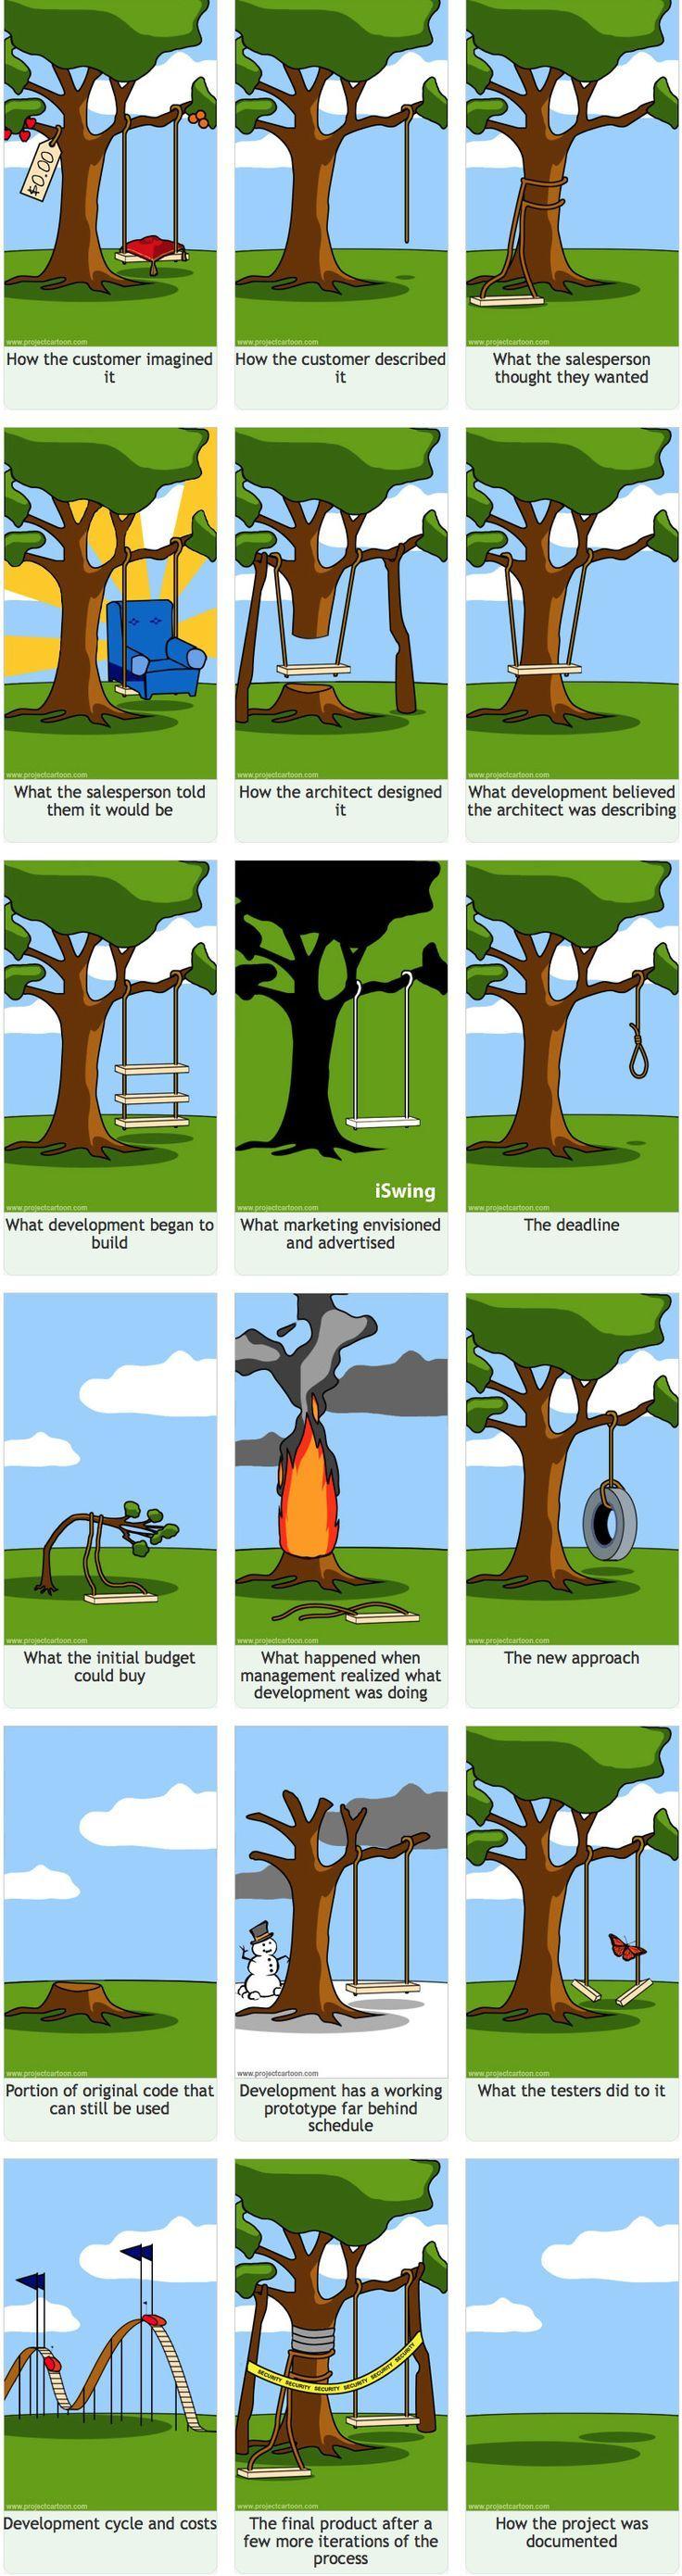 Updated Software Development Cartoon, a classic inspired in a marketing cartoon.  #cartoon #classic #comedy #development #inspired #marketing #software #updated – Spasshaft Lachen